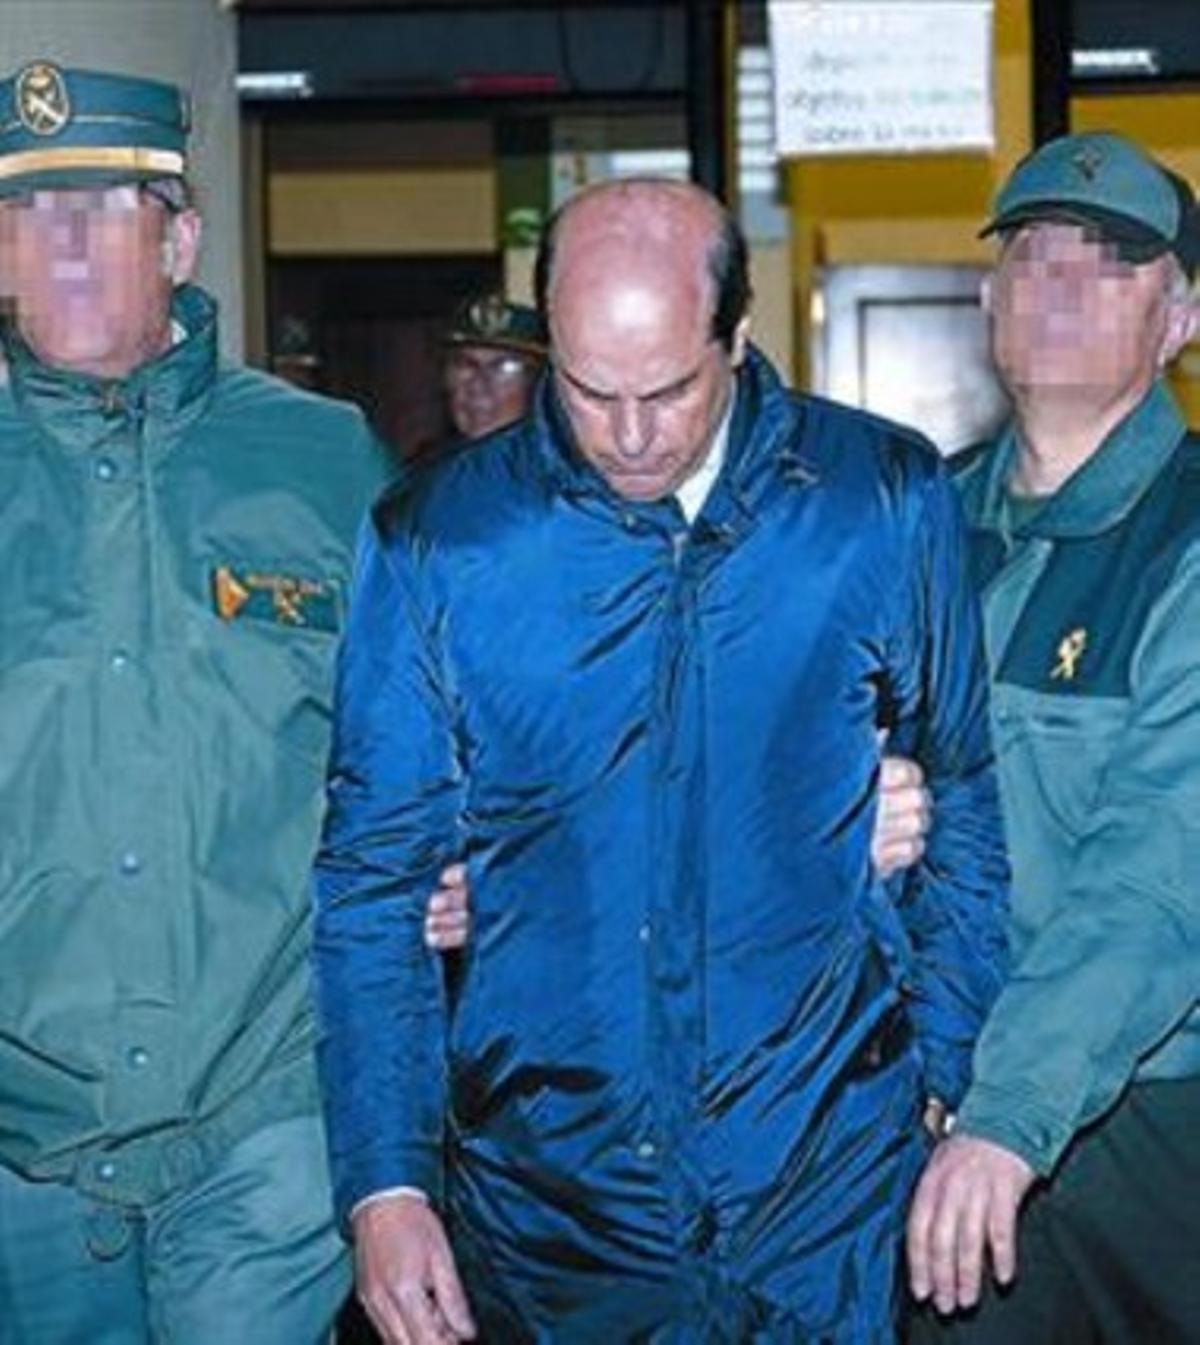 El exdirector de Vitalia Antonio Albarracín es llevado a prisión, ayer.